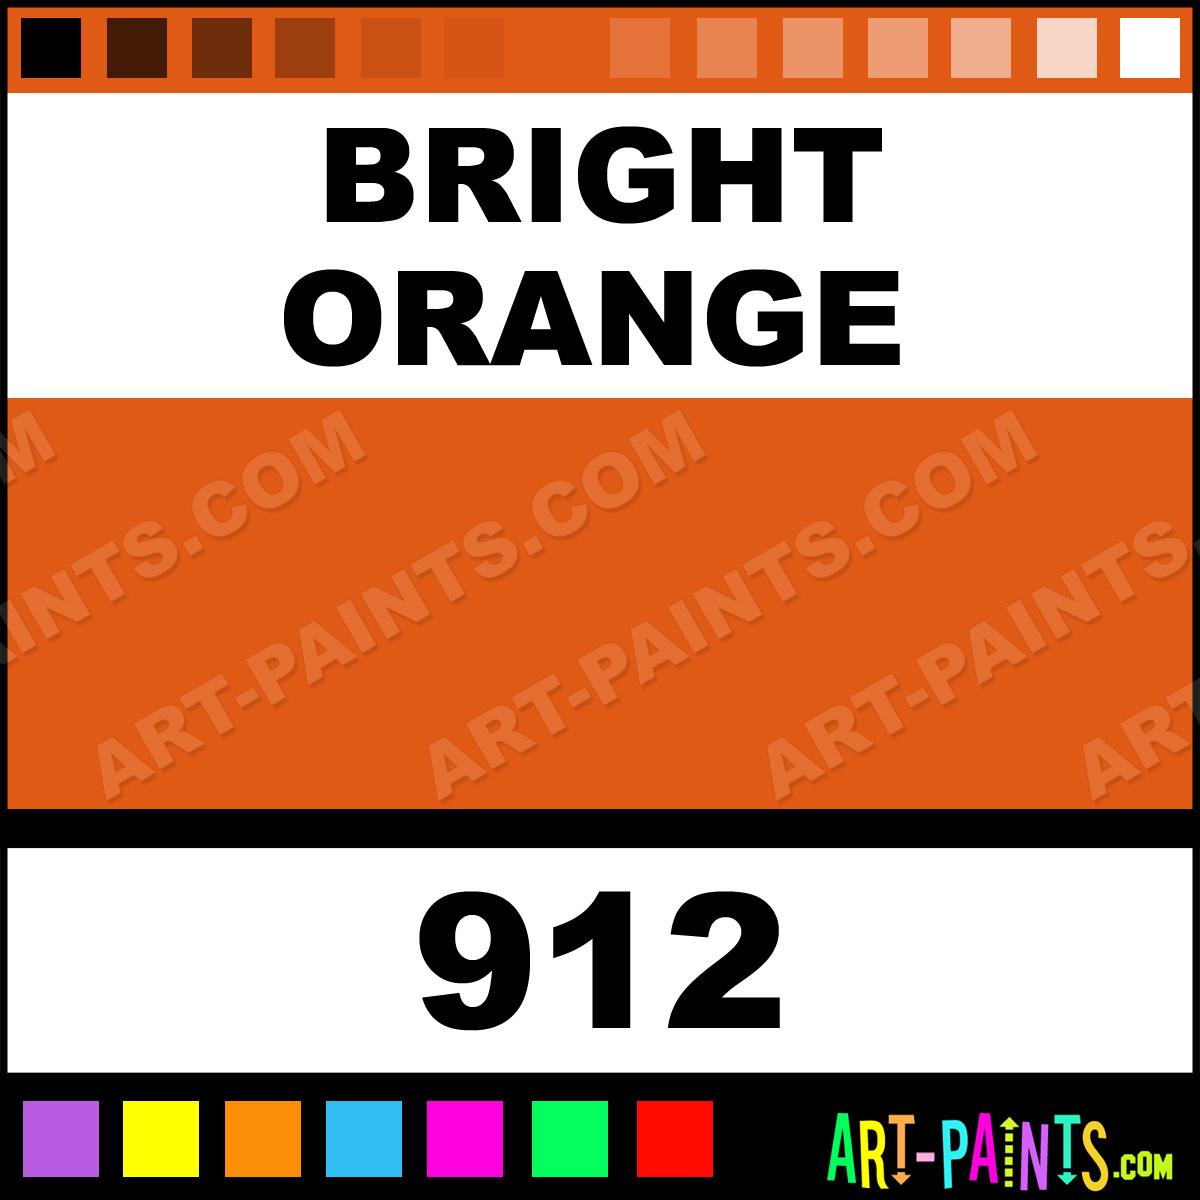 Bright Orange Heavy Duty Auto Spray Paints 912 Bright